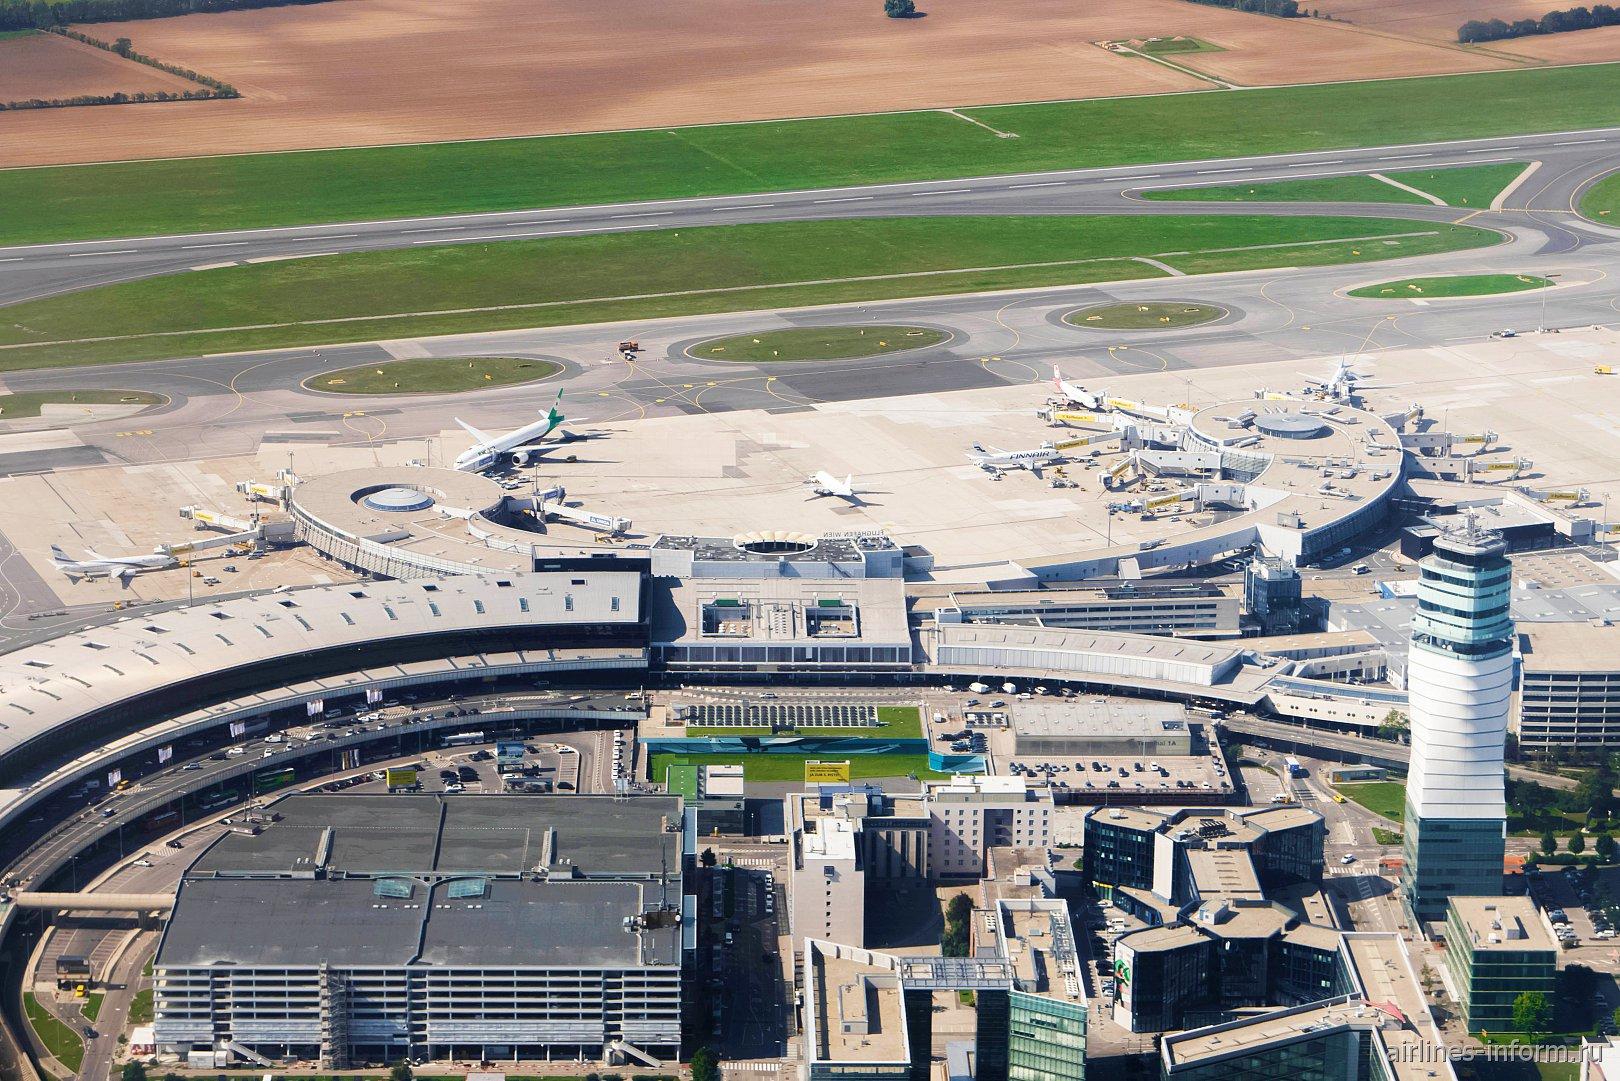 Пассажирские терминалы и перрон аэропорта Вена Швехат